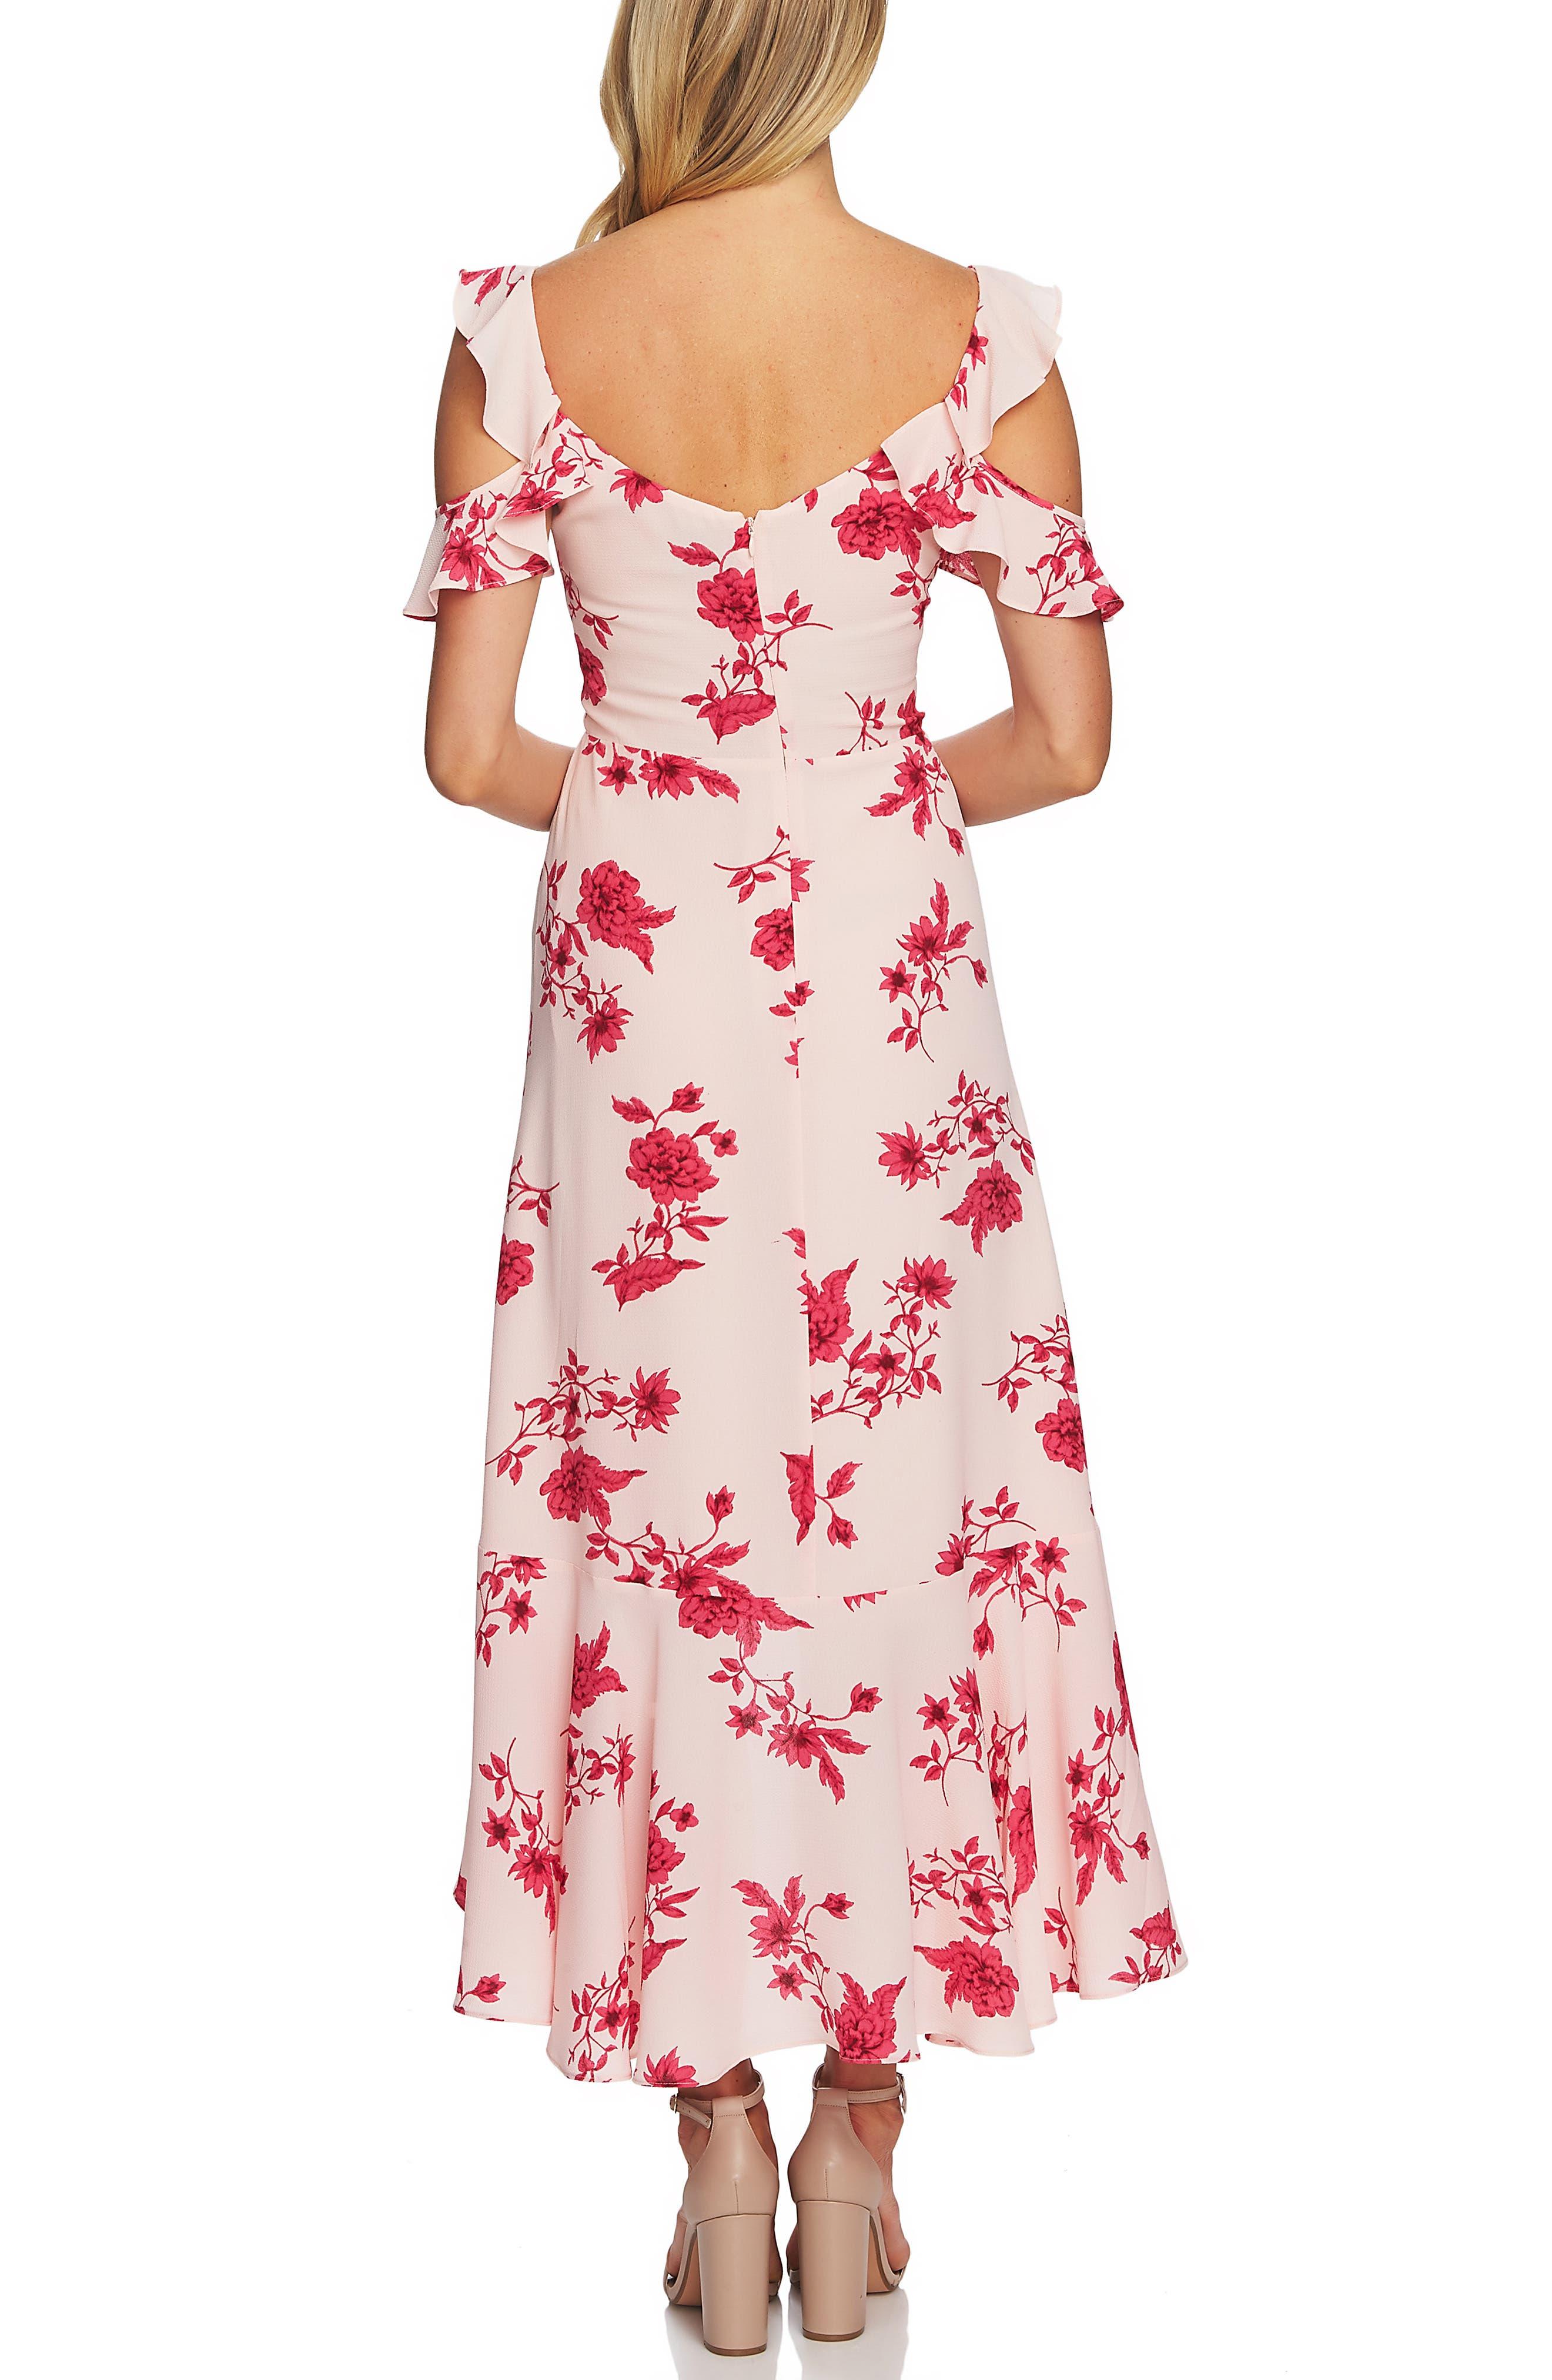 CECE, Etched Floral High/Low Midi Dress, Alternate thumbnail 2, color, SECRET BLUSH